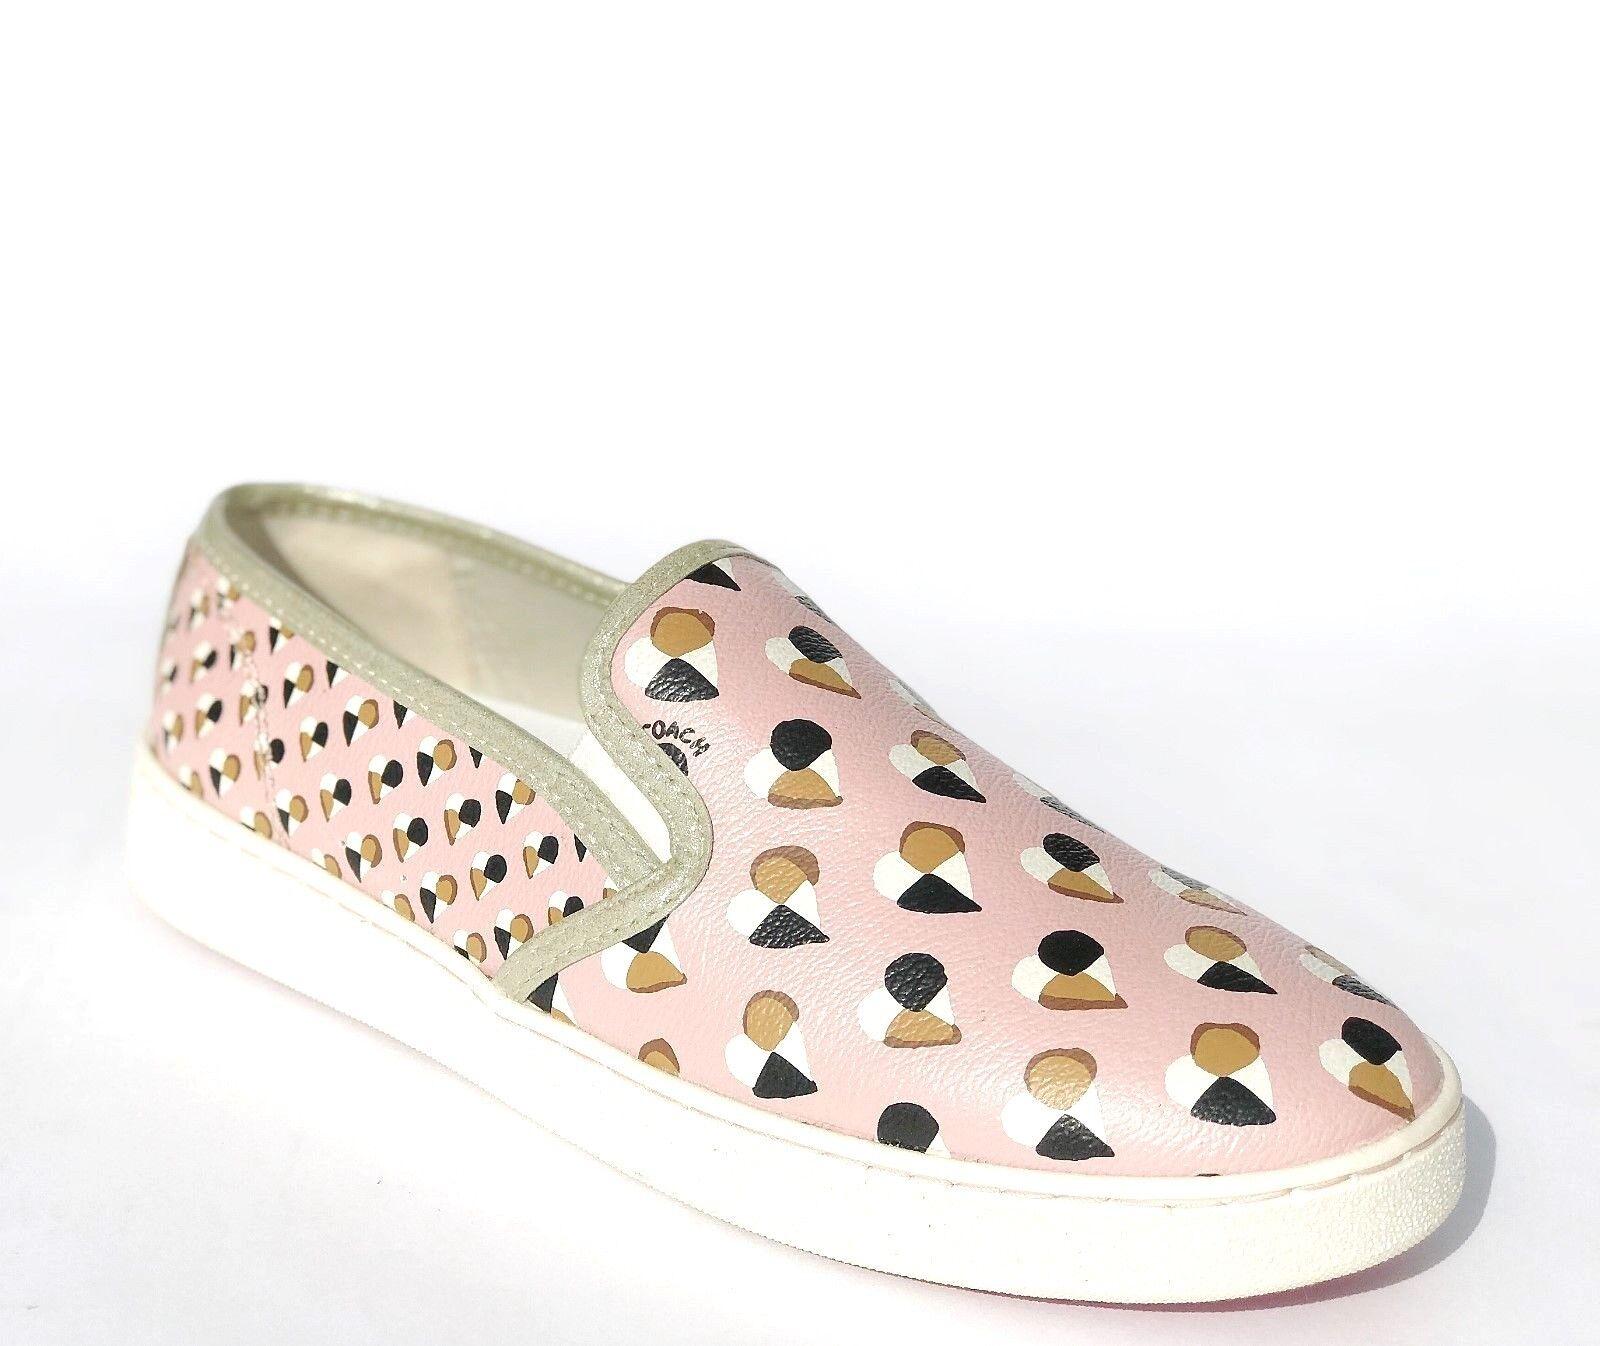 Entrenador De Mujer C117 Slip On Corazones Tenis Zapatos Rubor Rubor Rubor 6.5 Nuevo En Caja  grandes ofertas